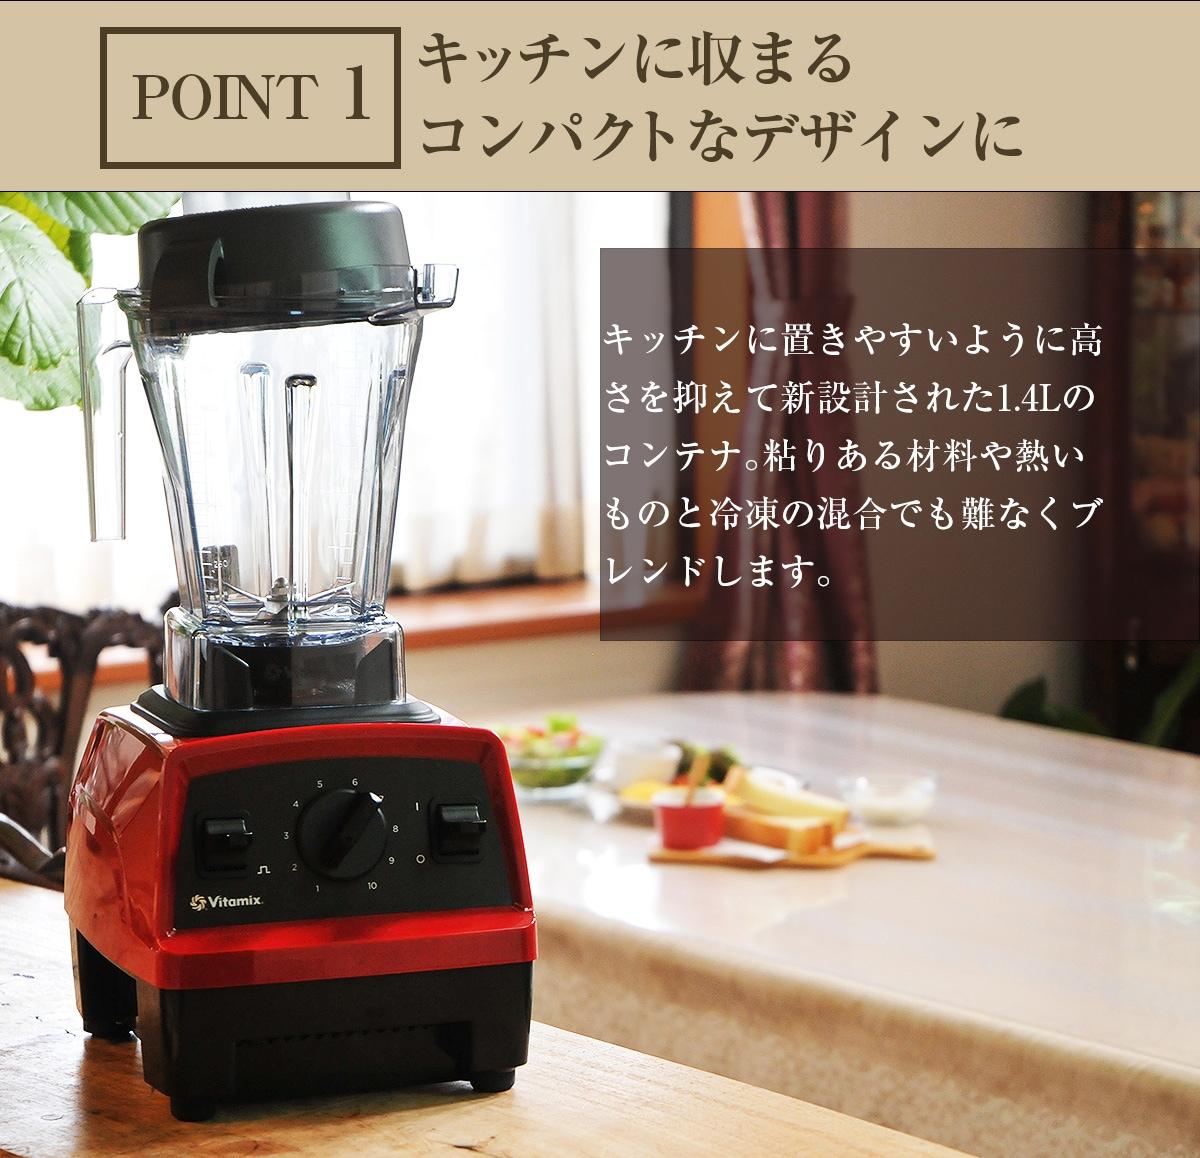 POINT1 キッチンに収まるコンパクトなデザインに